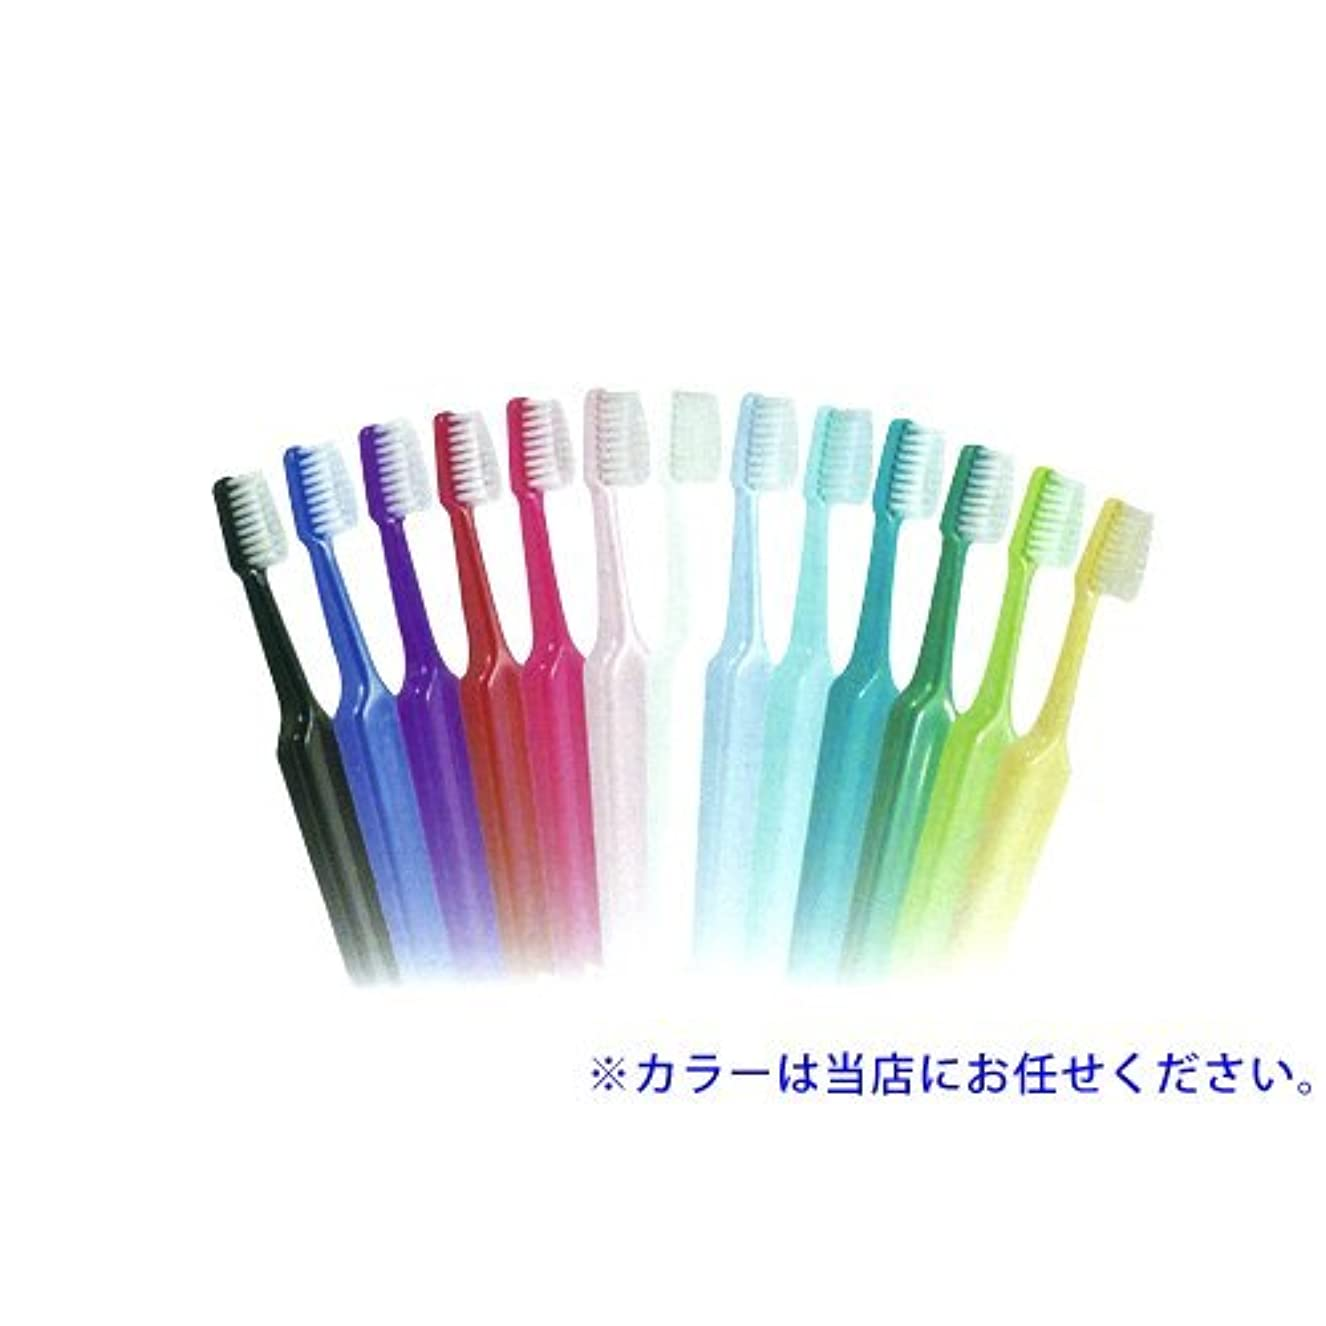 開業医肩をすくめるスカルククロスフィールド TePe テペ セレクトコンパクト 歯ブラシ 1本 コンパクト ミディアム